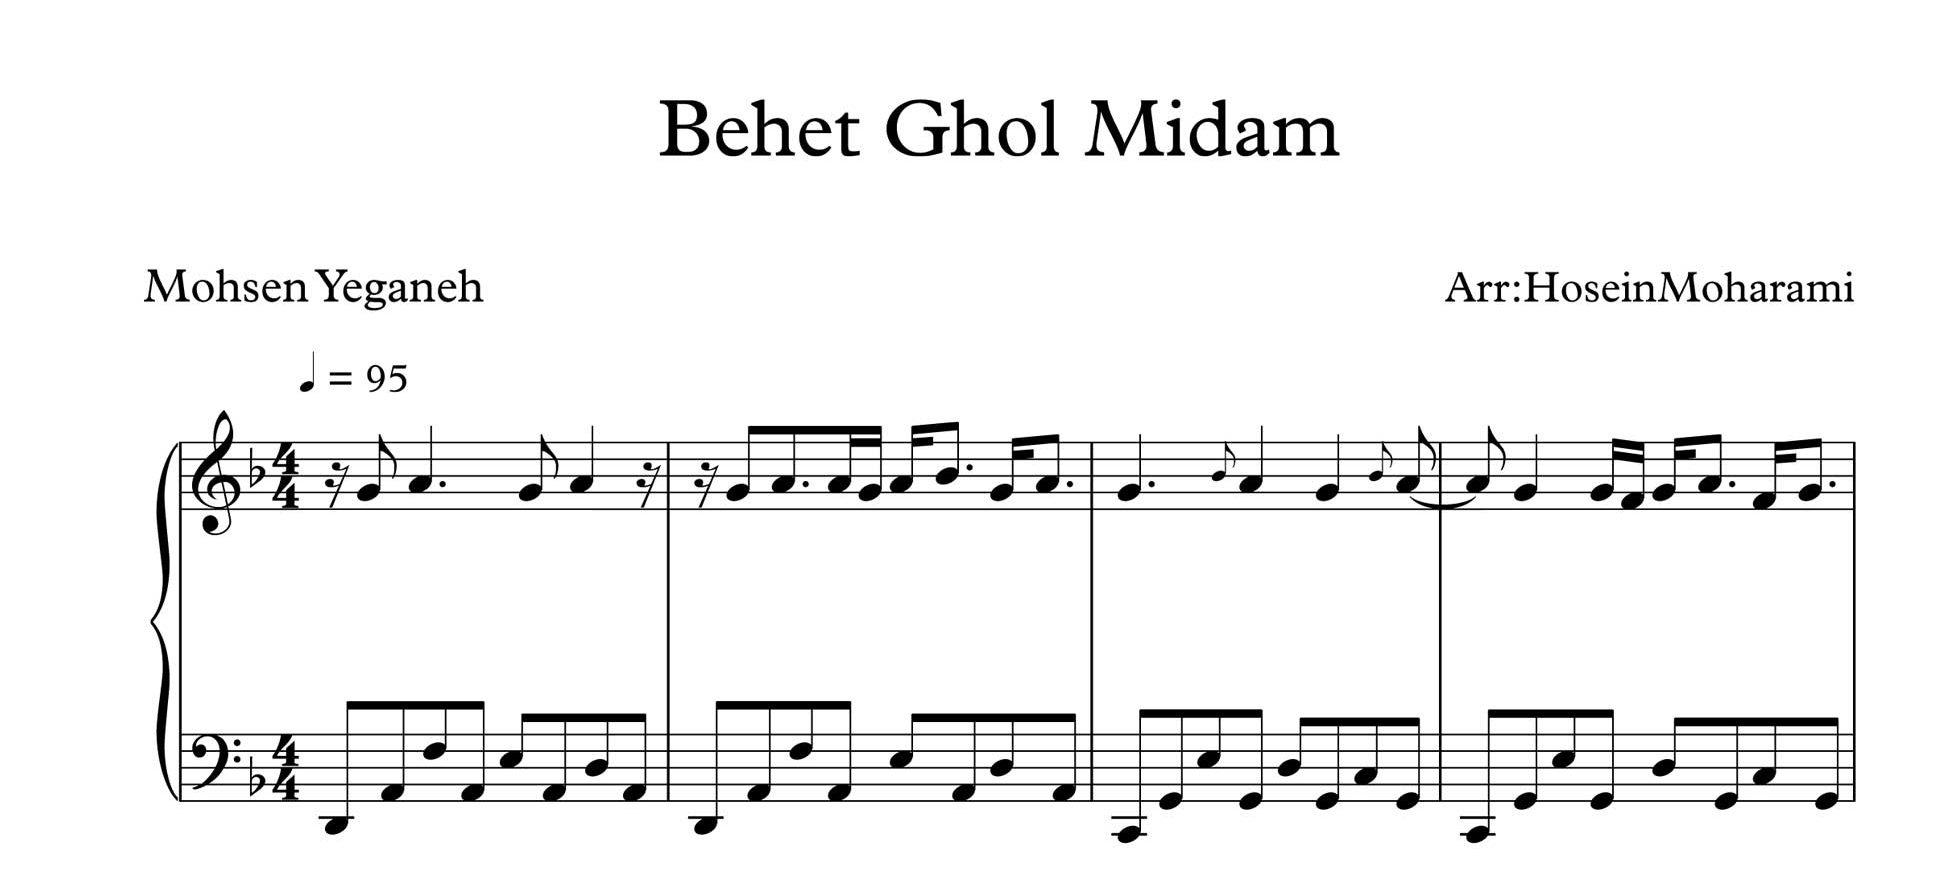 نت پیانوی آهنگ بهت قول میدم از محسن یگانه